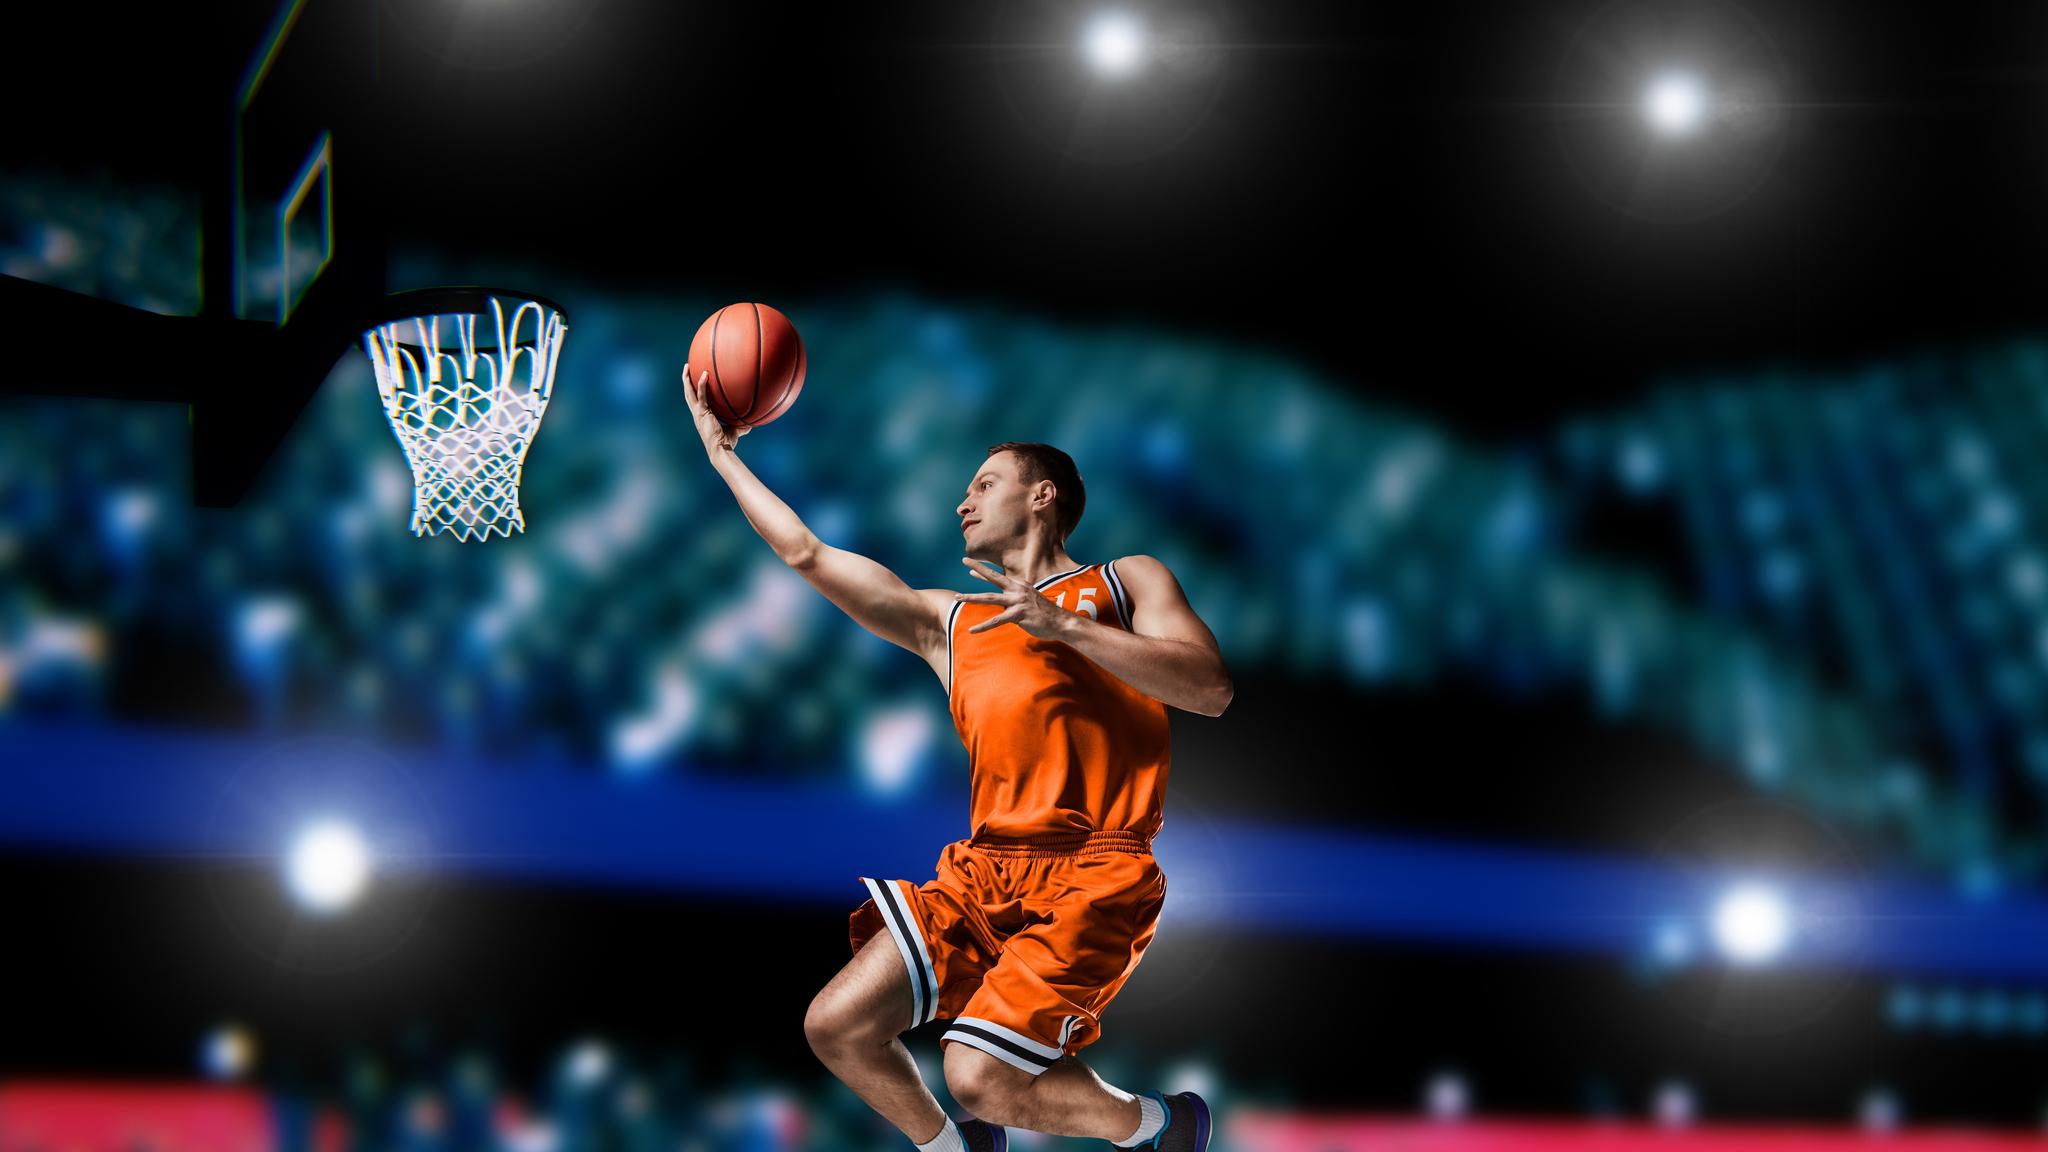 basketball-player-shooting-t3.jpg